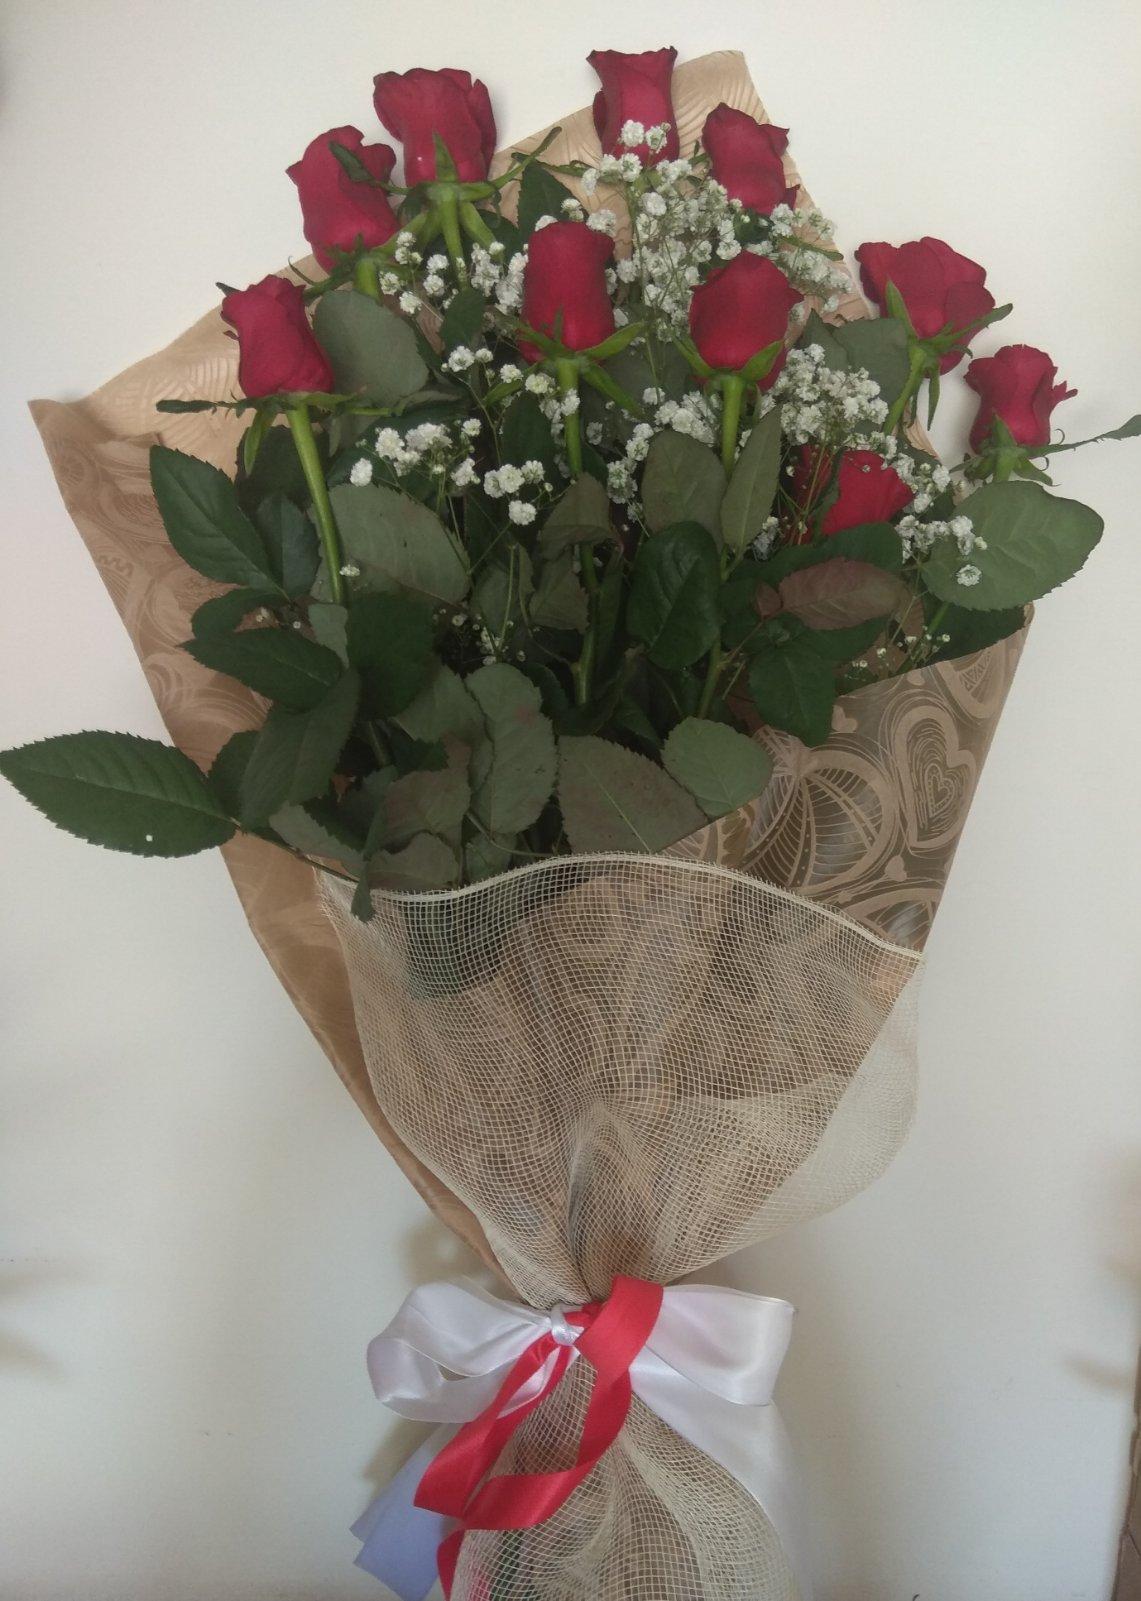 10 ΤΕΜ κατακόκκινα υπέροχα τριαντάφυλλα